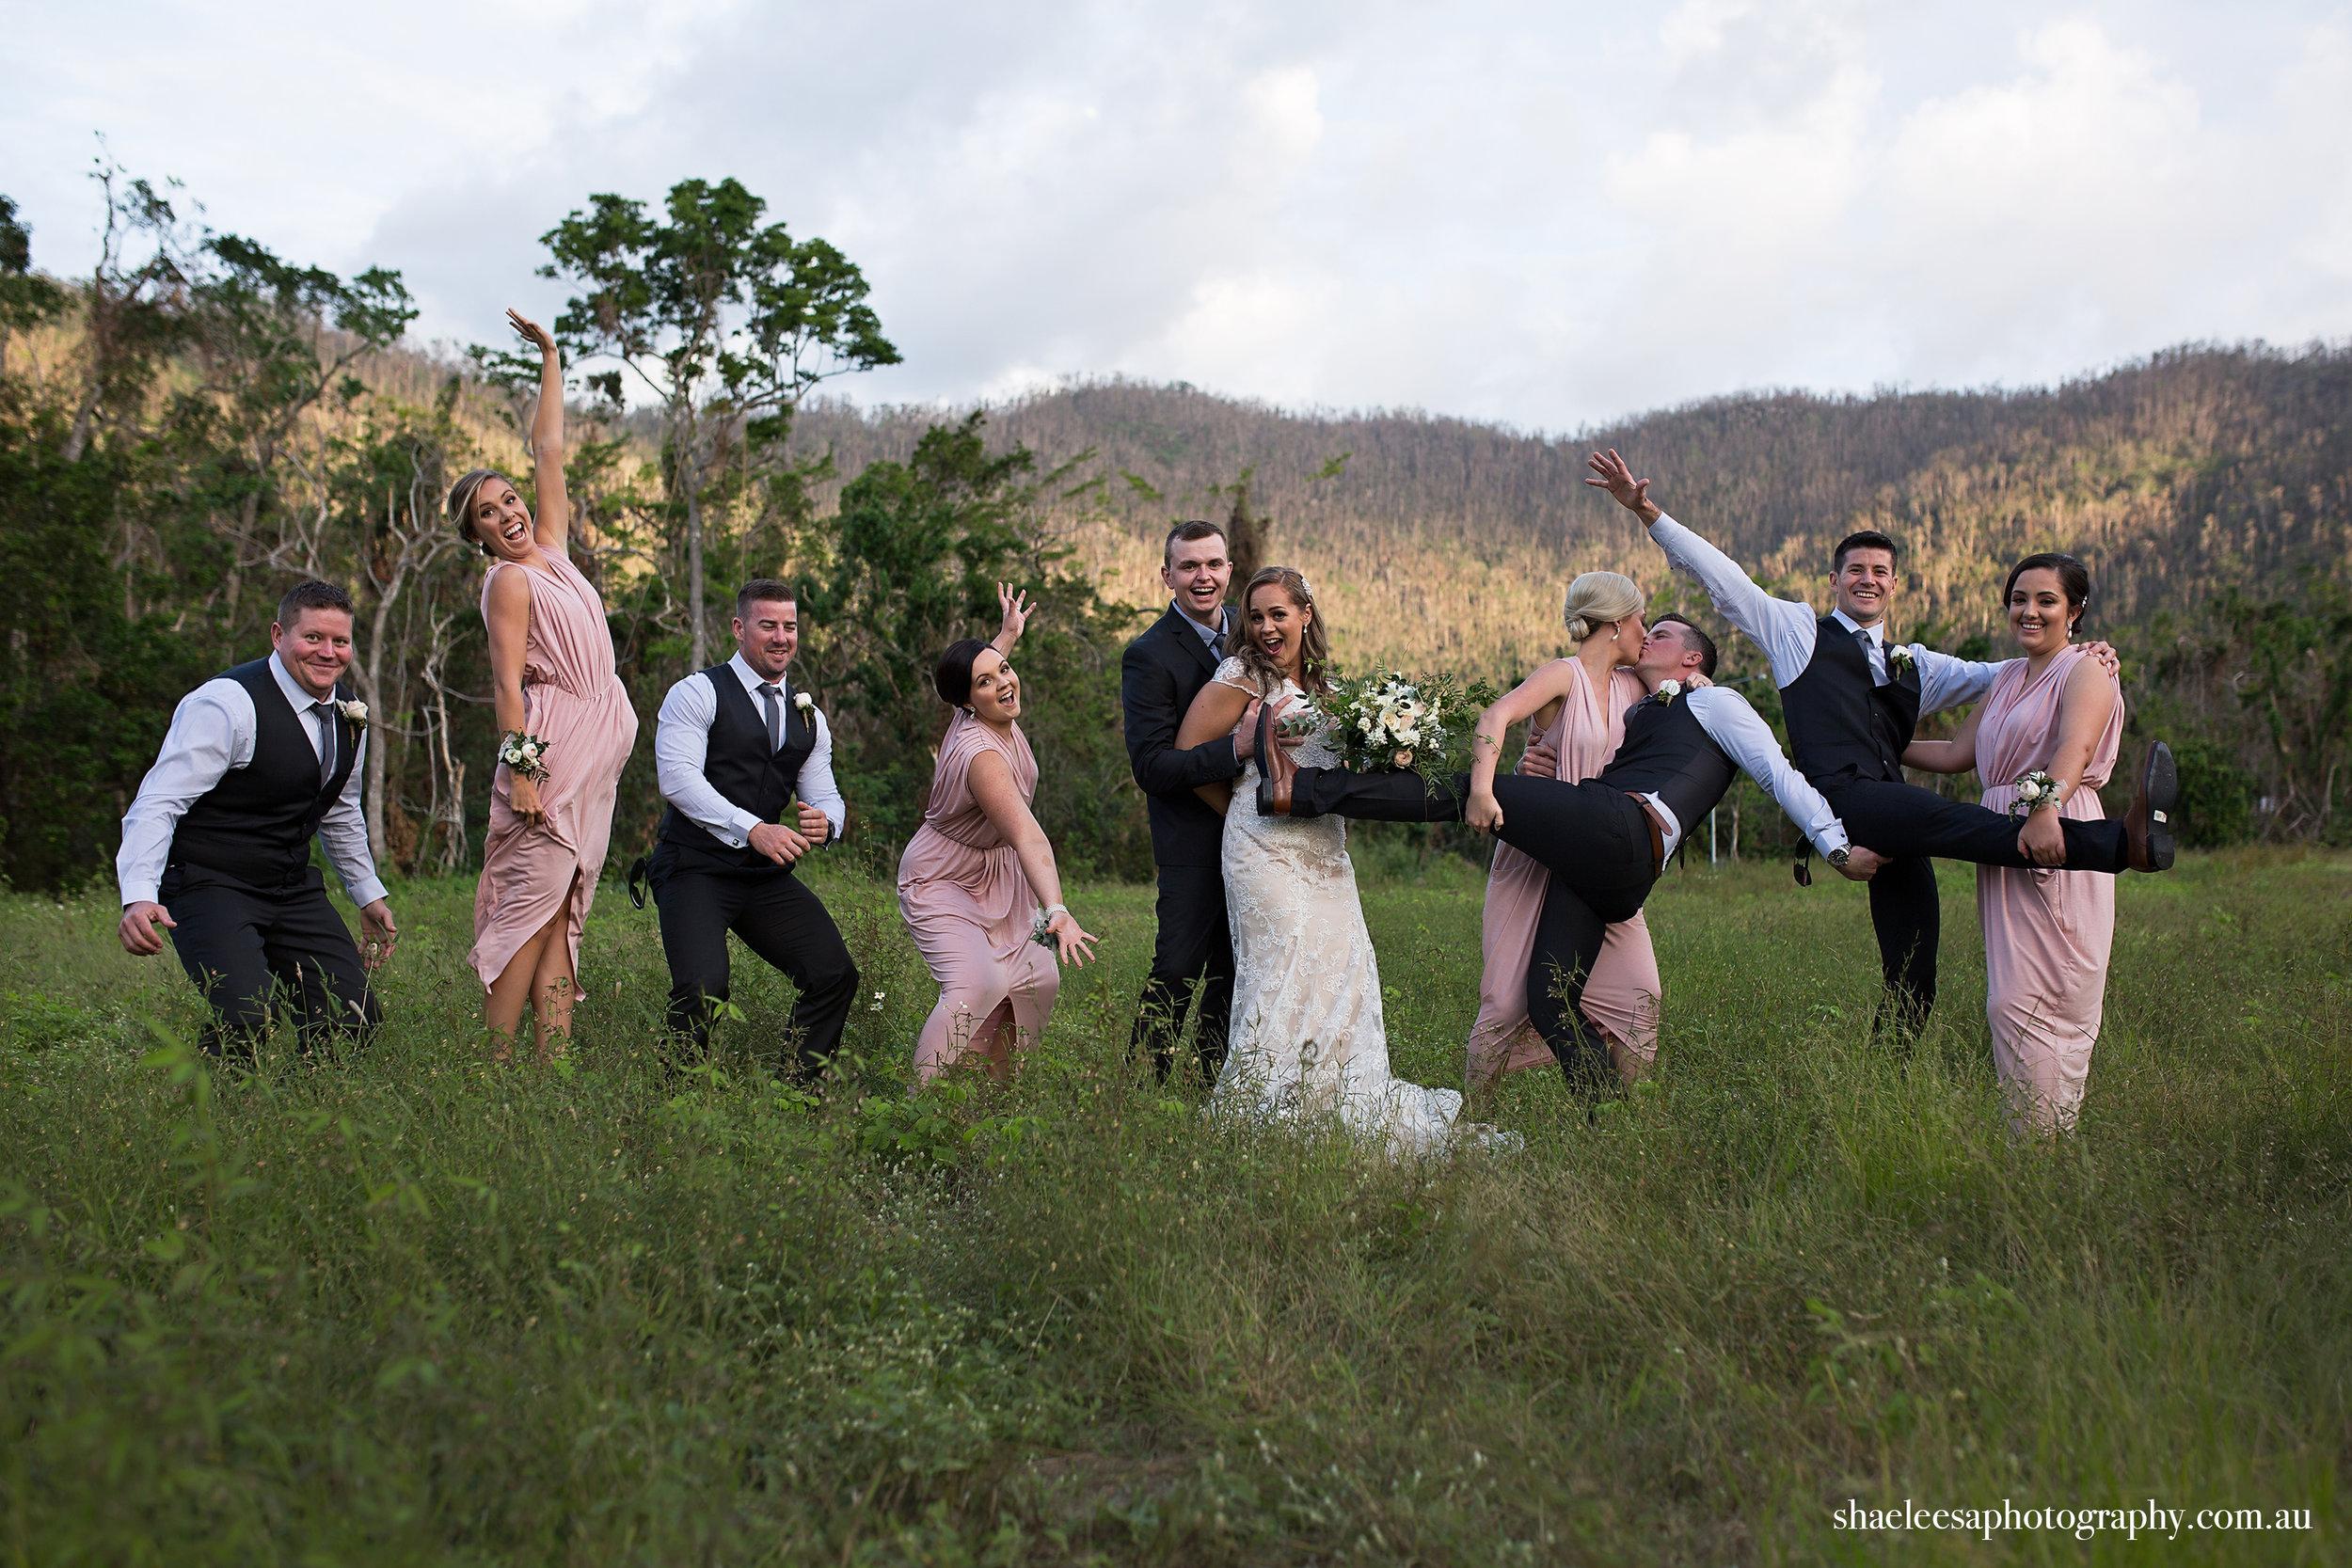 WeddingsByShae_184_McDermid2017.jpg